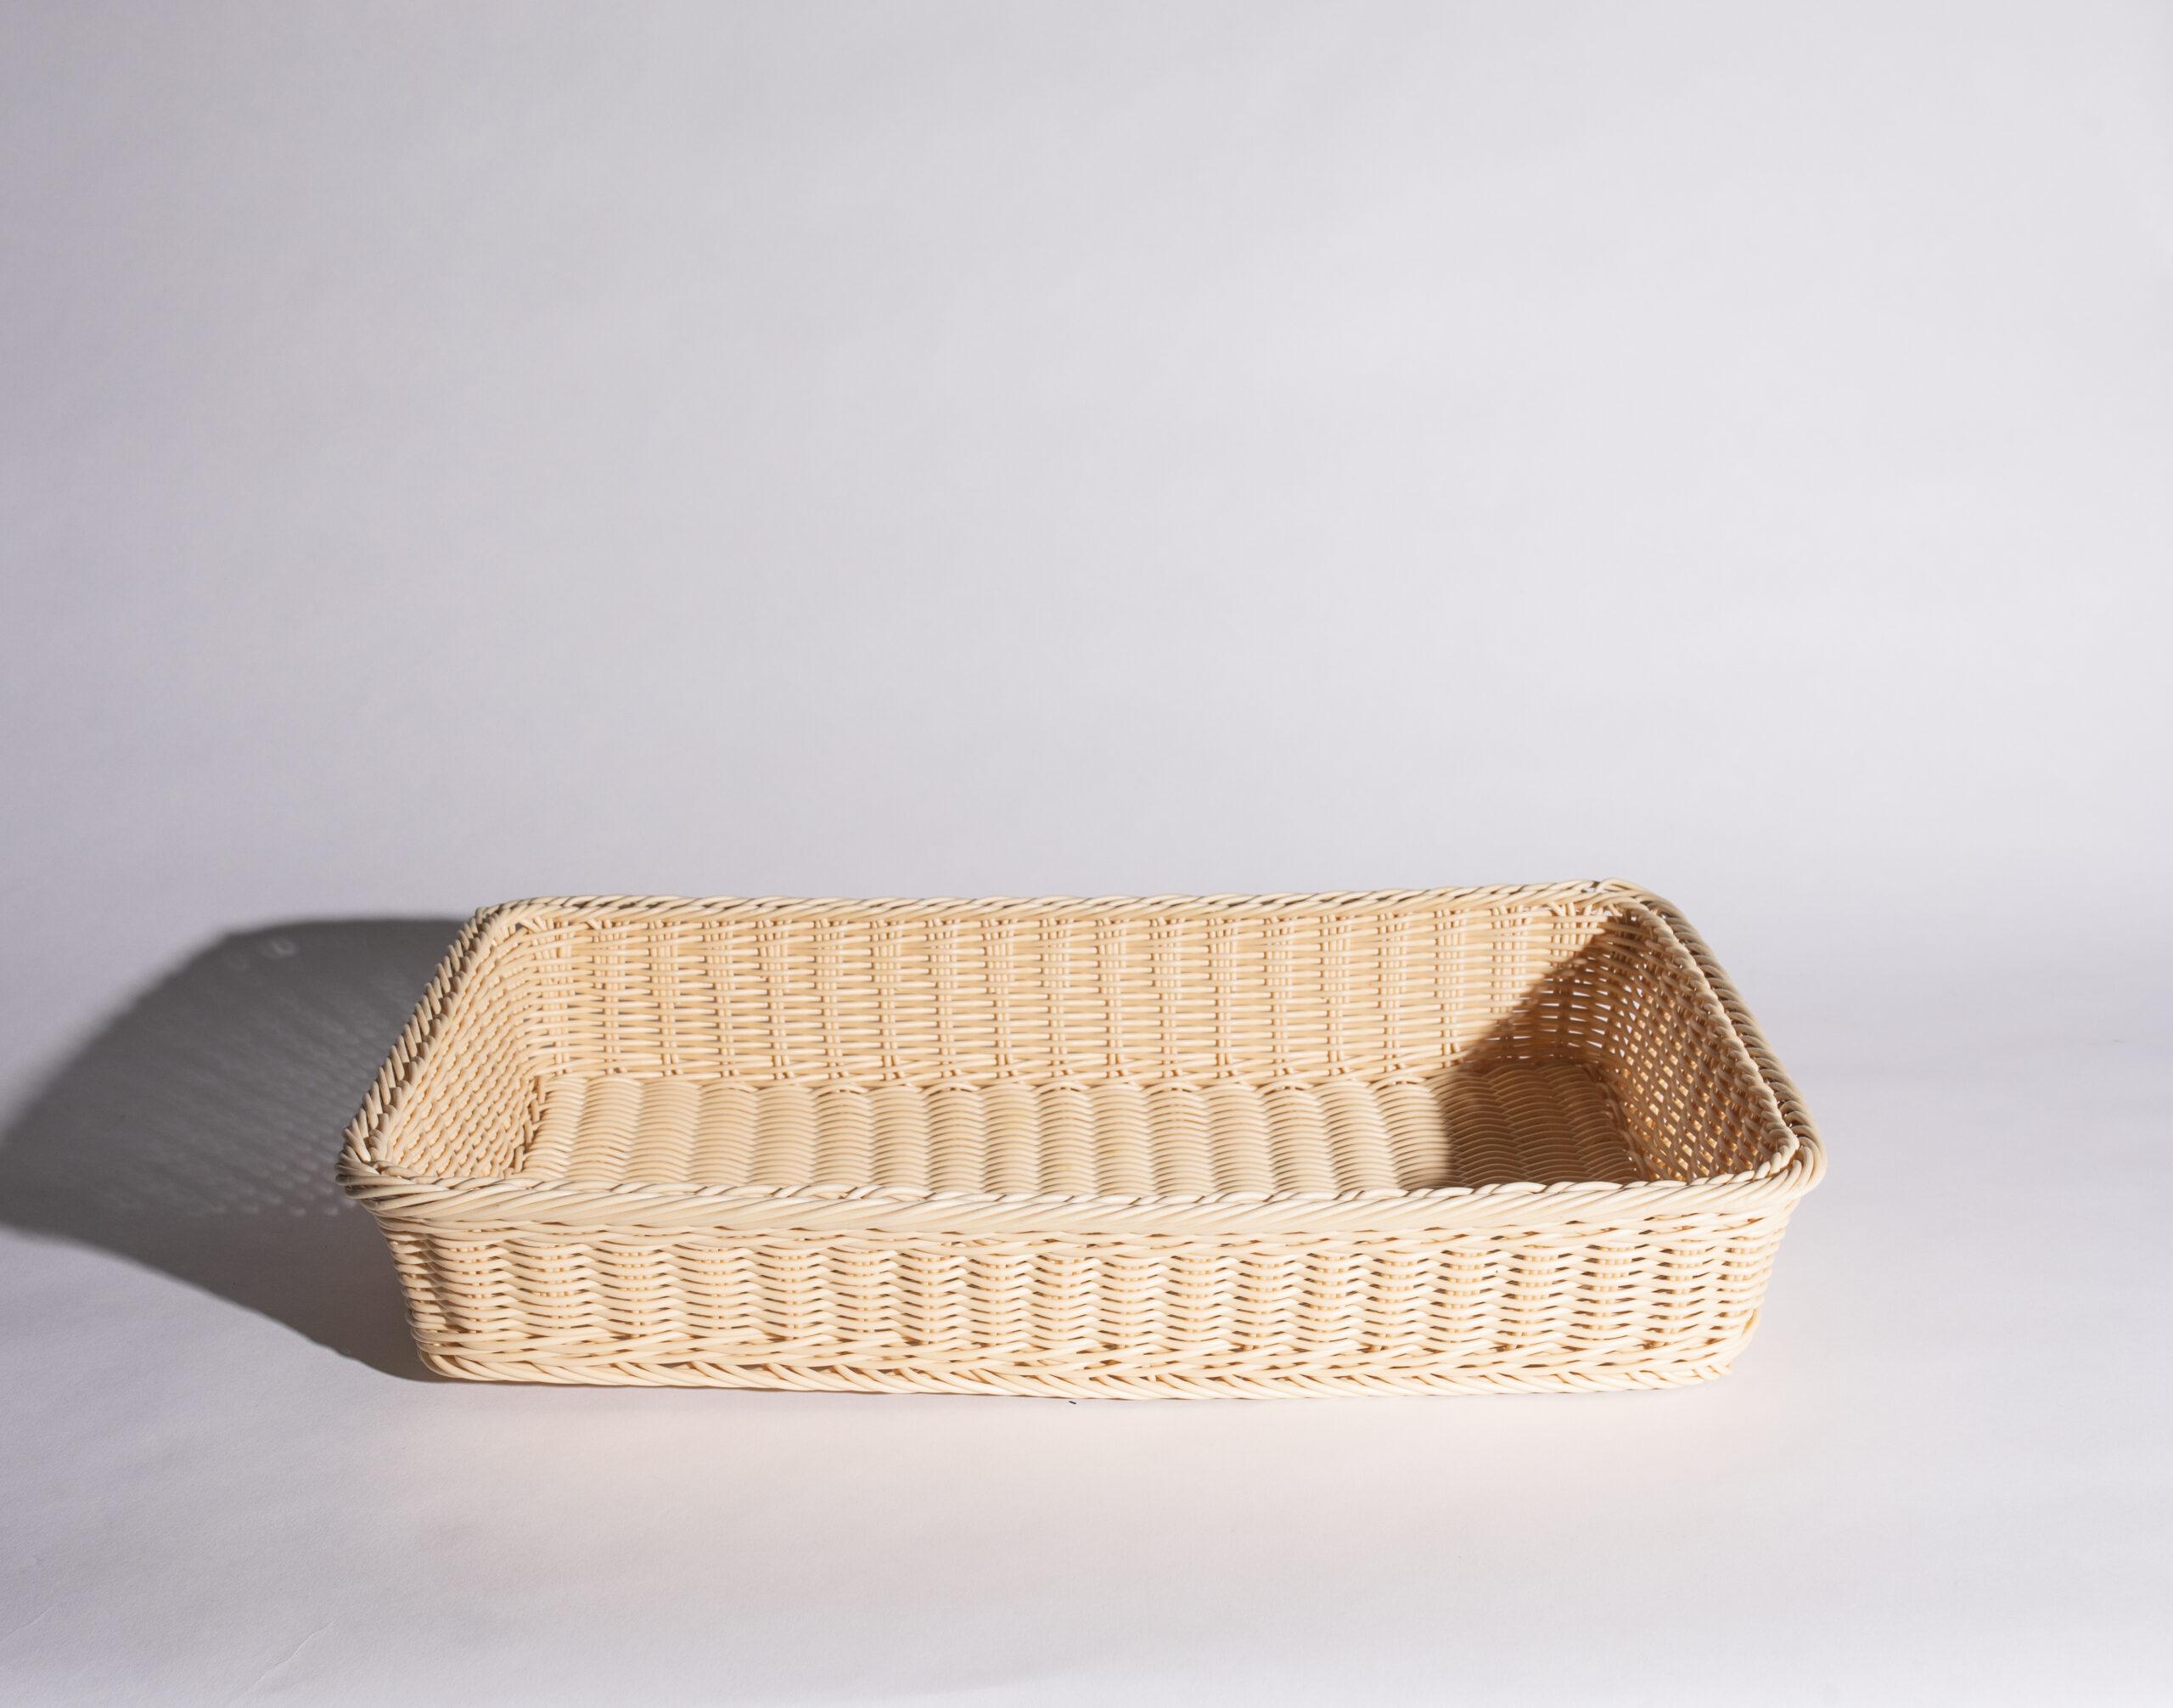 Bread basket (large, wicker)